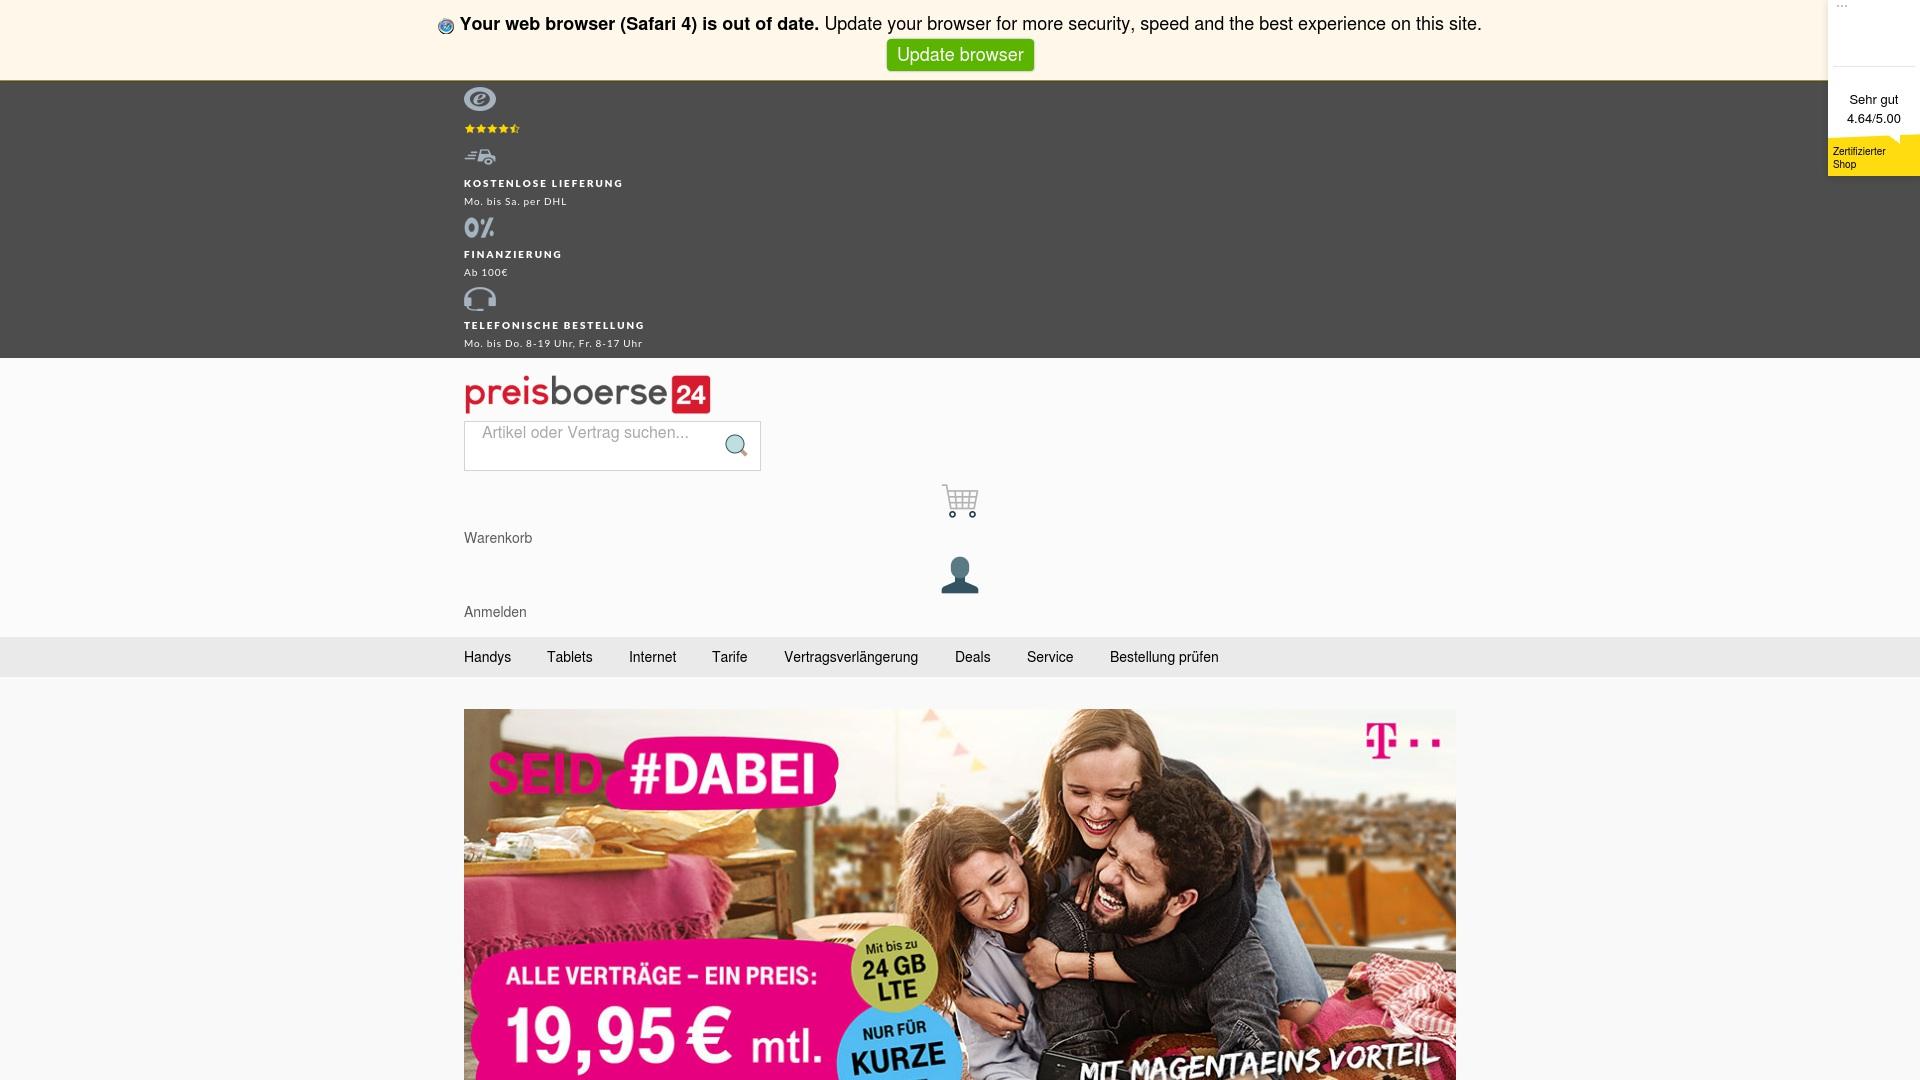 Geld zurück bei Preisboerse24: Jetzt im Juli 2021 Cashback für Preisboerse24 sichern